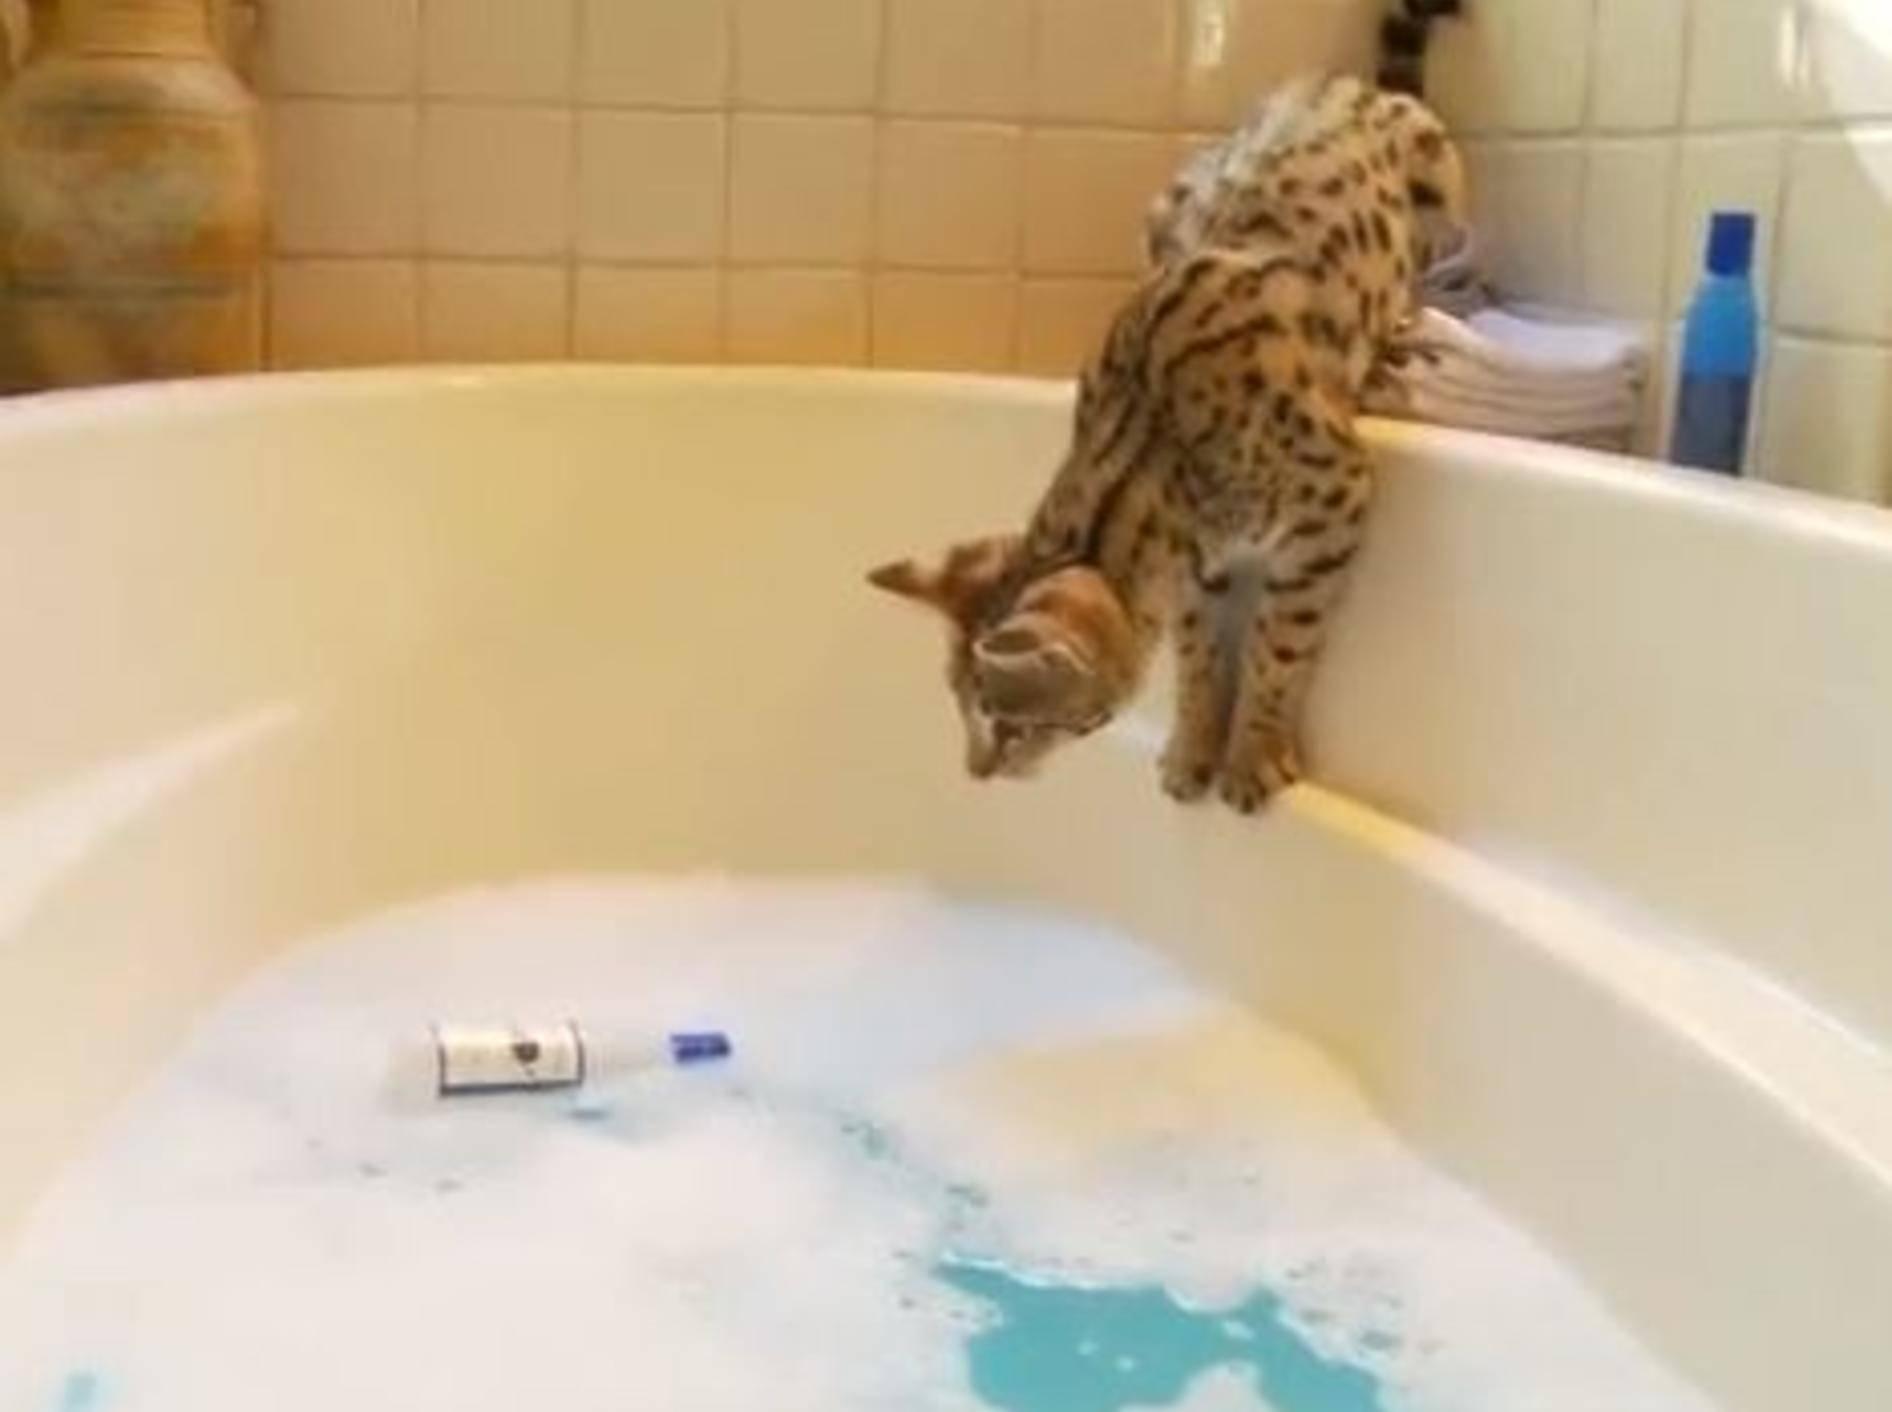 Savannah-Katze holt ihr Spielzeug aus der Badewanne – Bild: Youtube / The Pet Collective